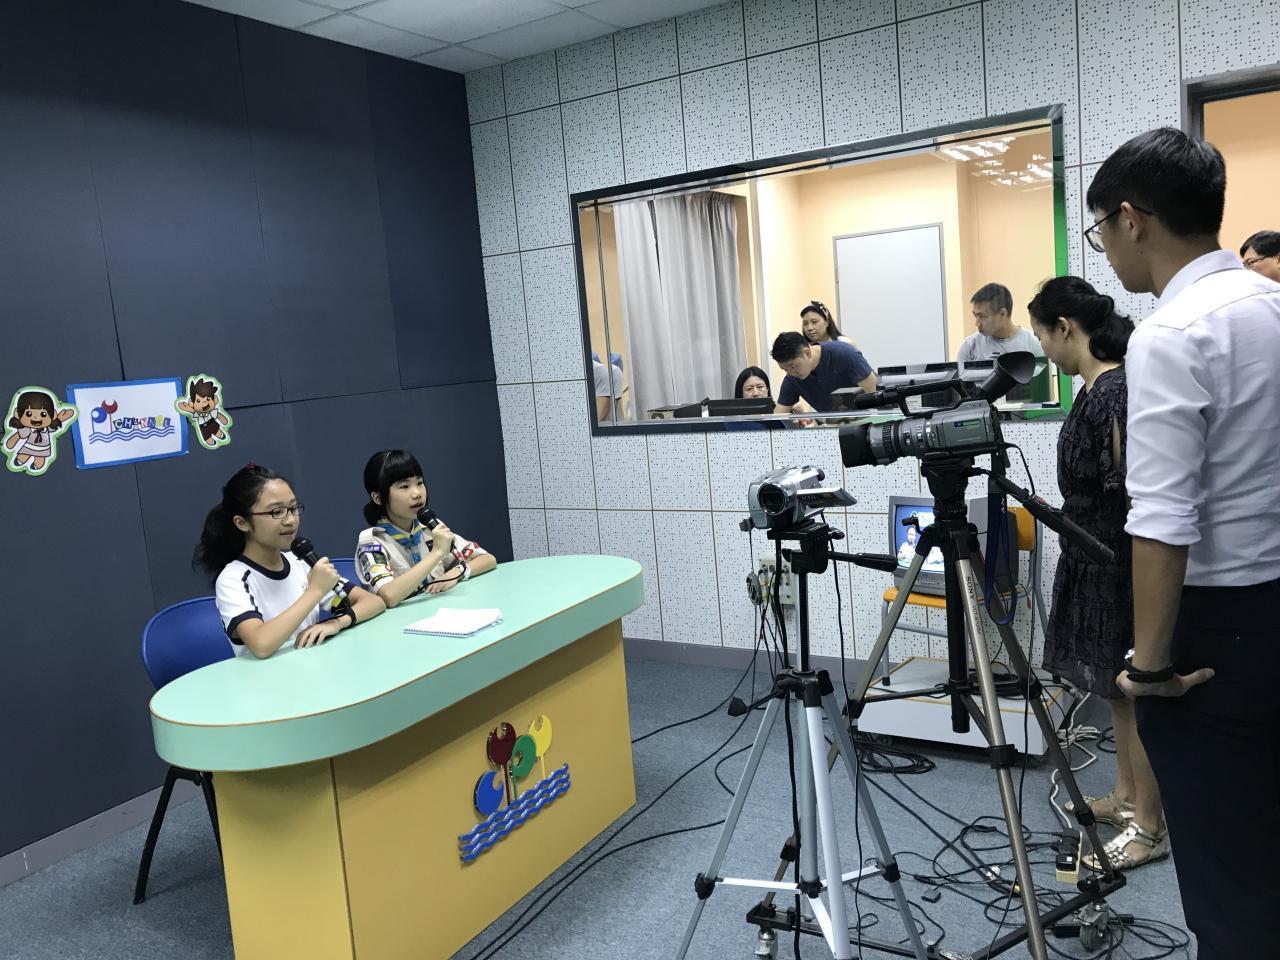 小記者於電視台報告